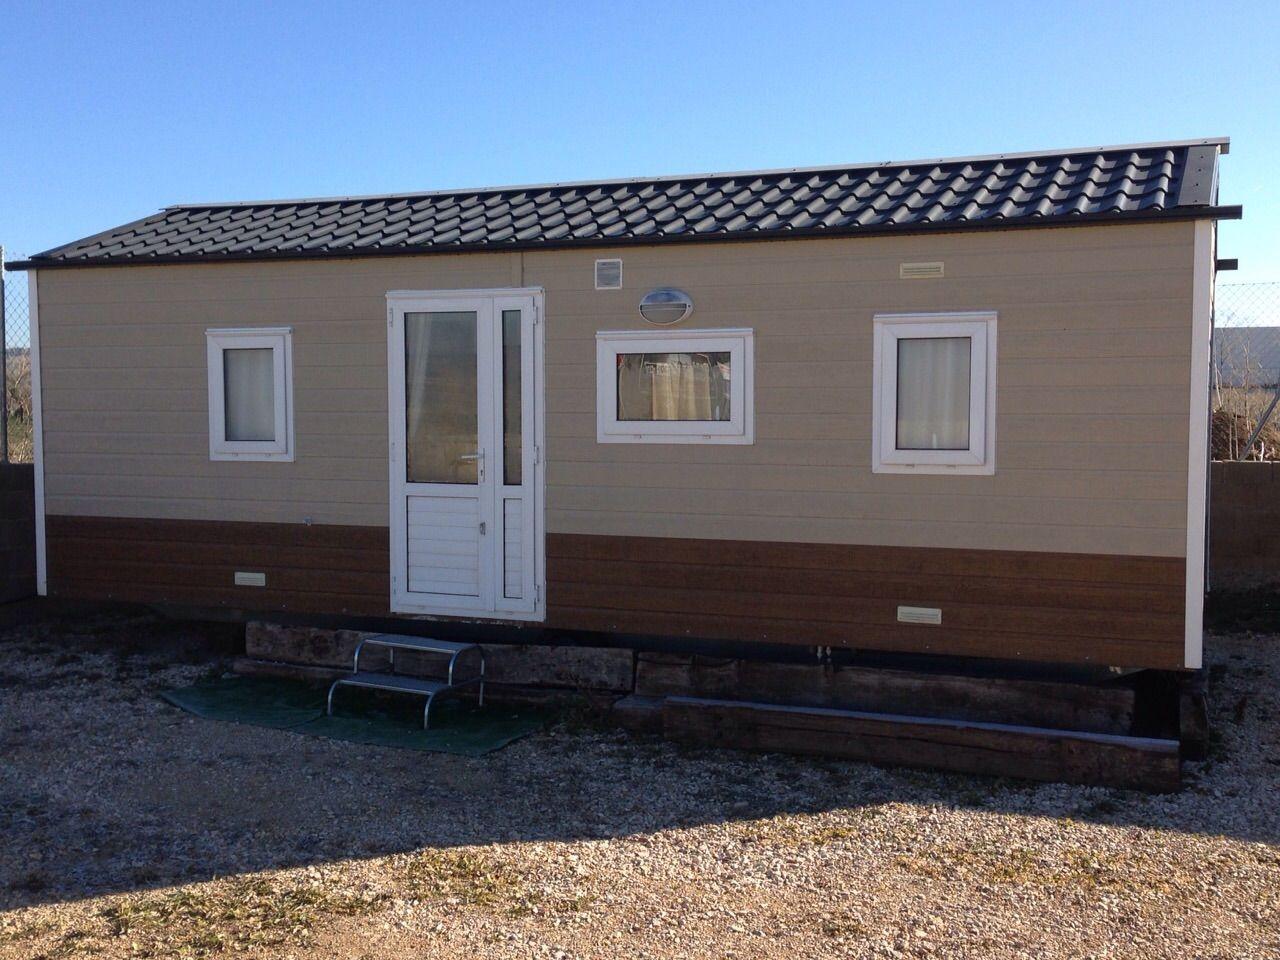 Casas prefabricadas hipotecables para fincas urbanas for Catalogo casas prefabricadas